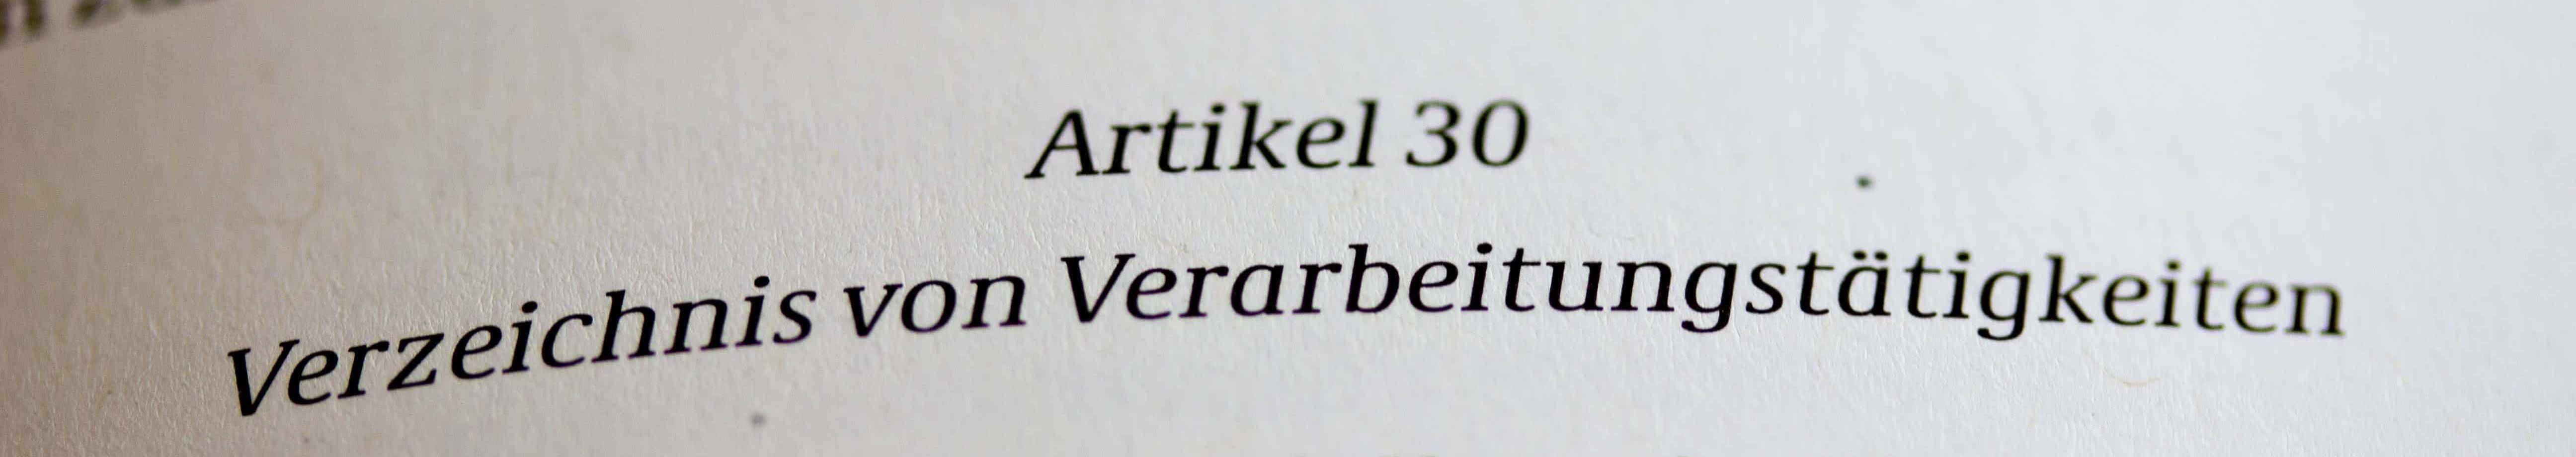 Art. 30 DSGVO Verzeichnis von Verarbeitungstätigkeiten Verfahrensverzeichnis